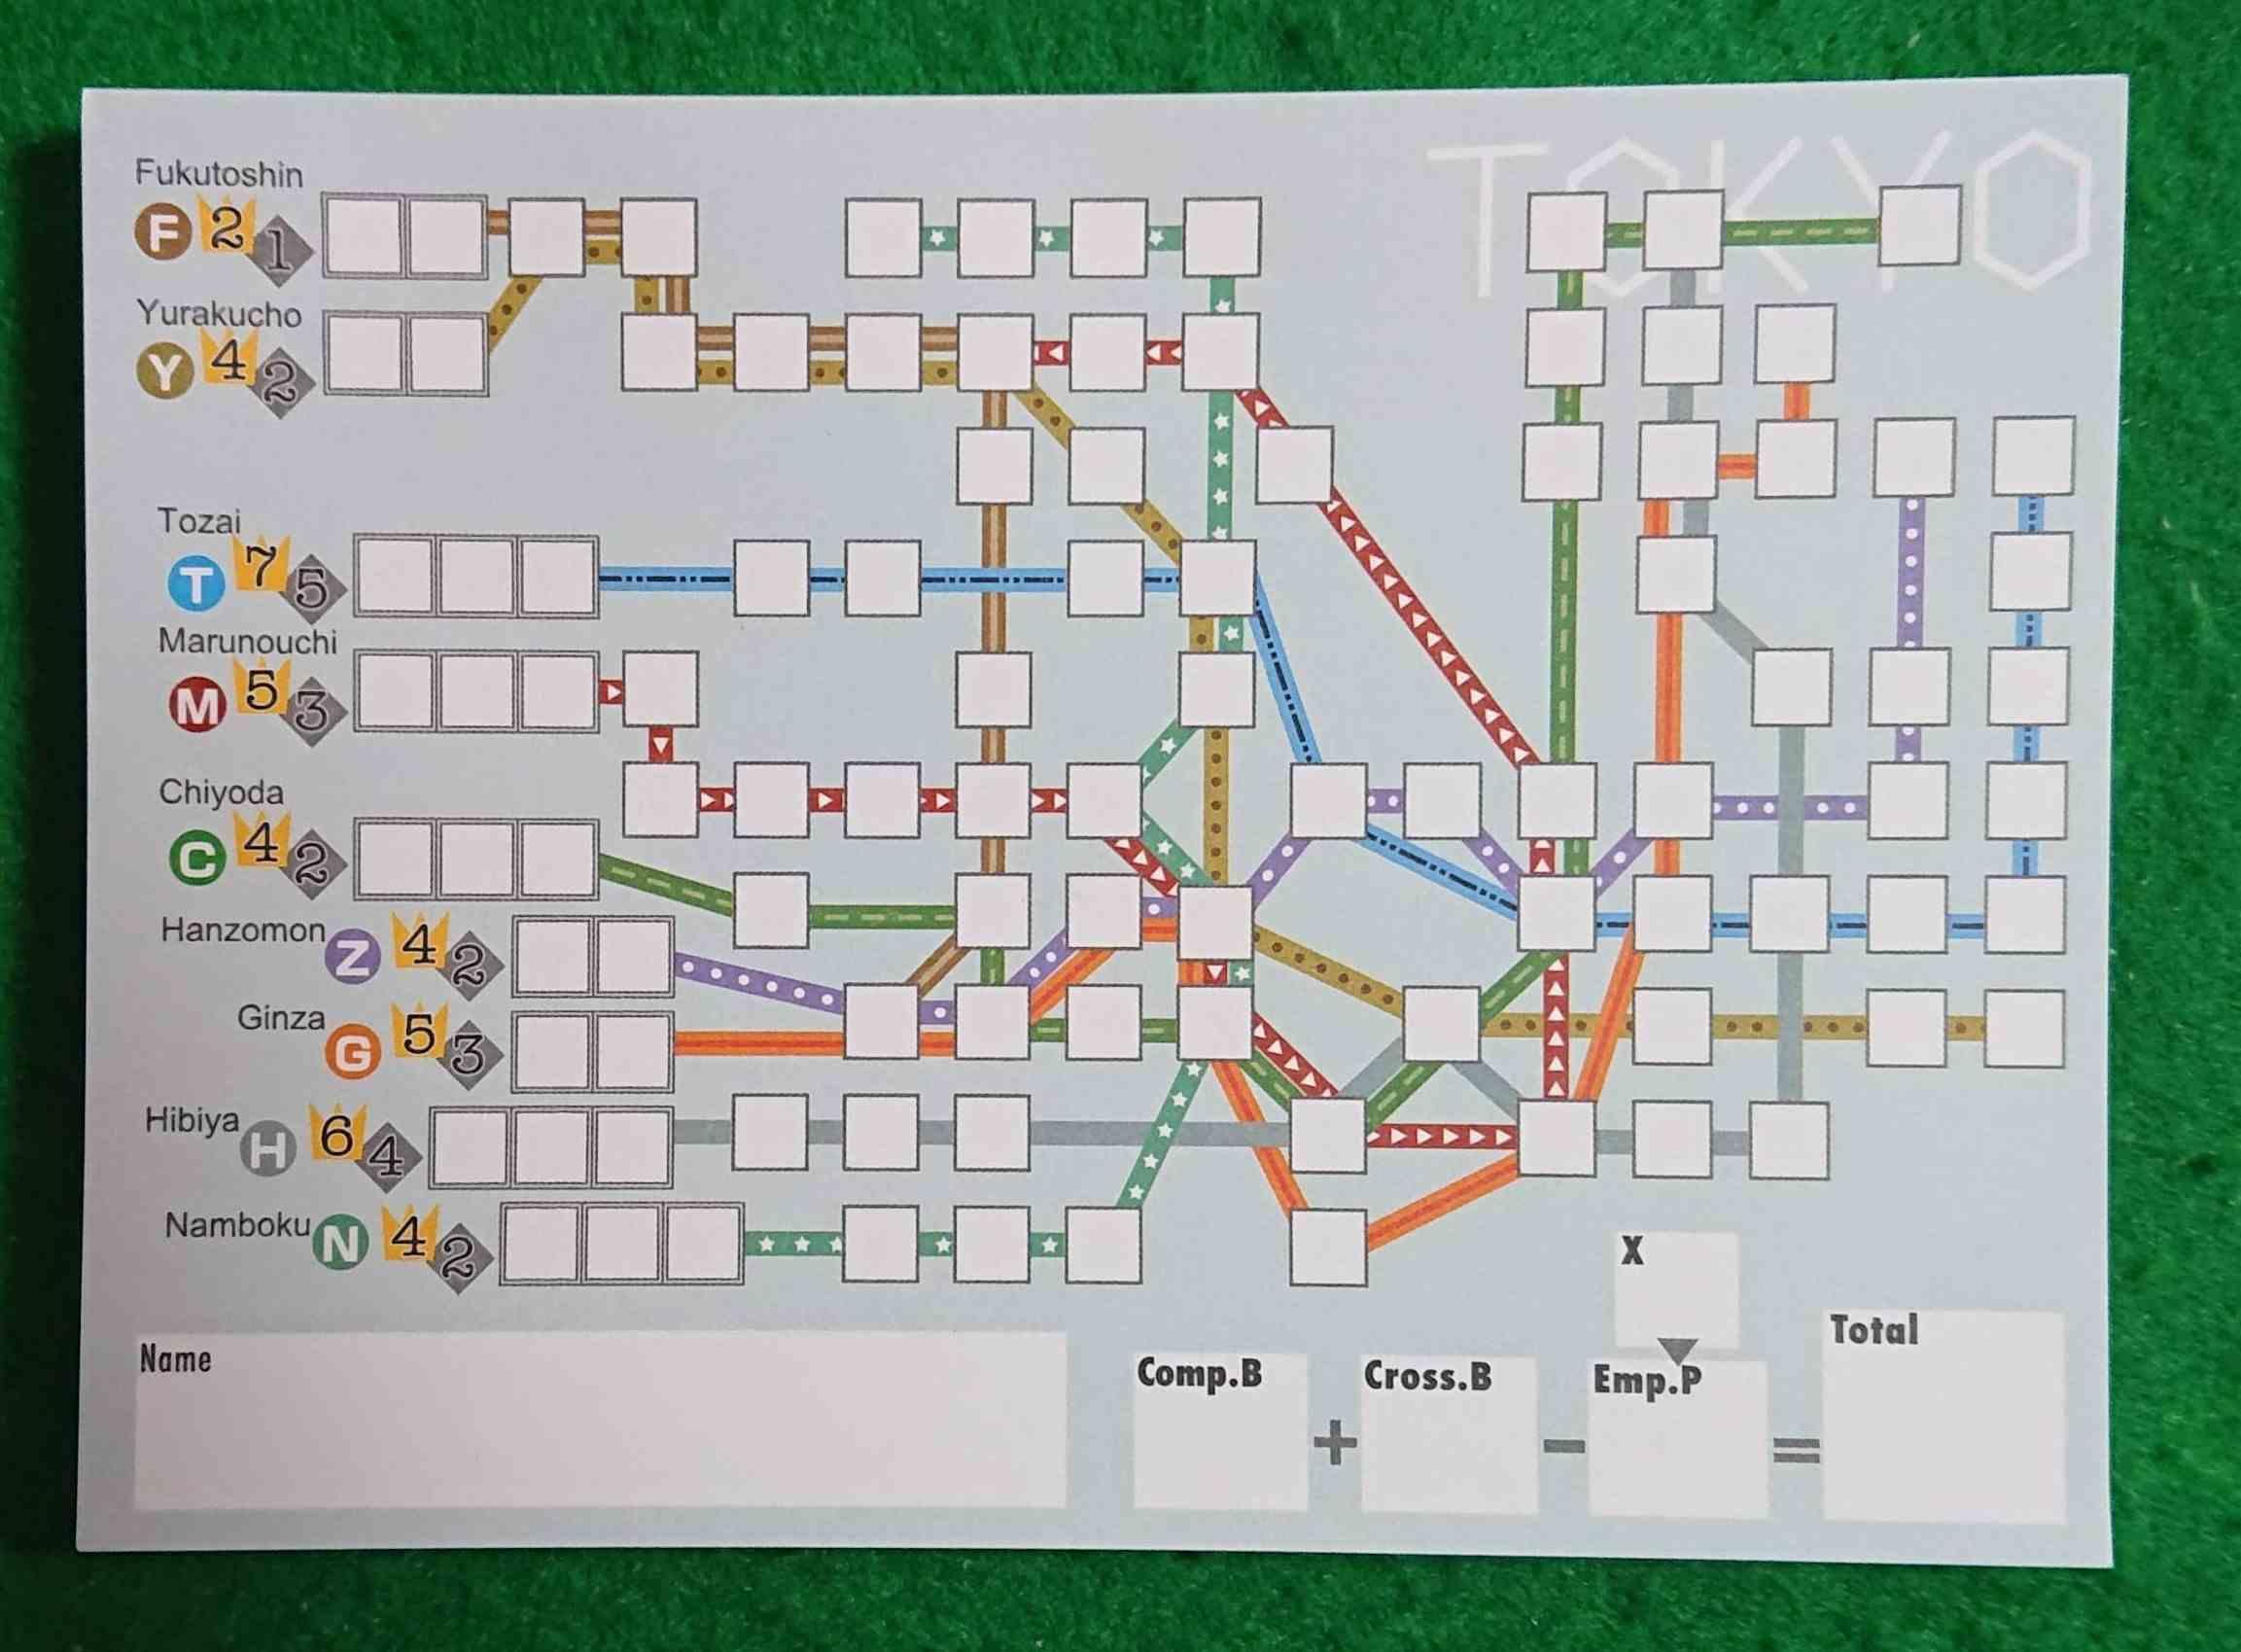 メトロックス 地下鉄の路線を完成させよう! 紙ペン ボードゲーム